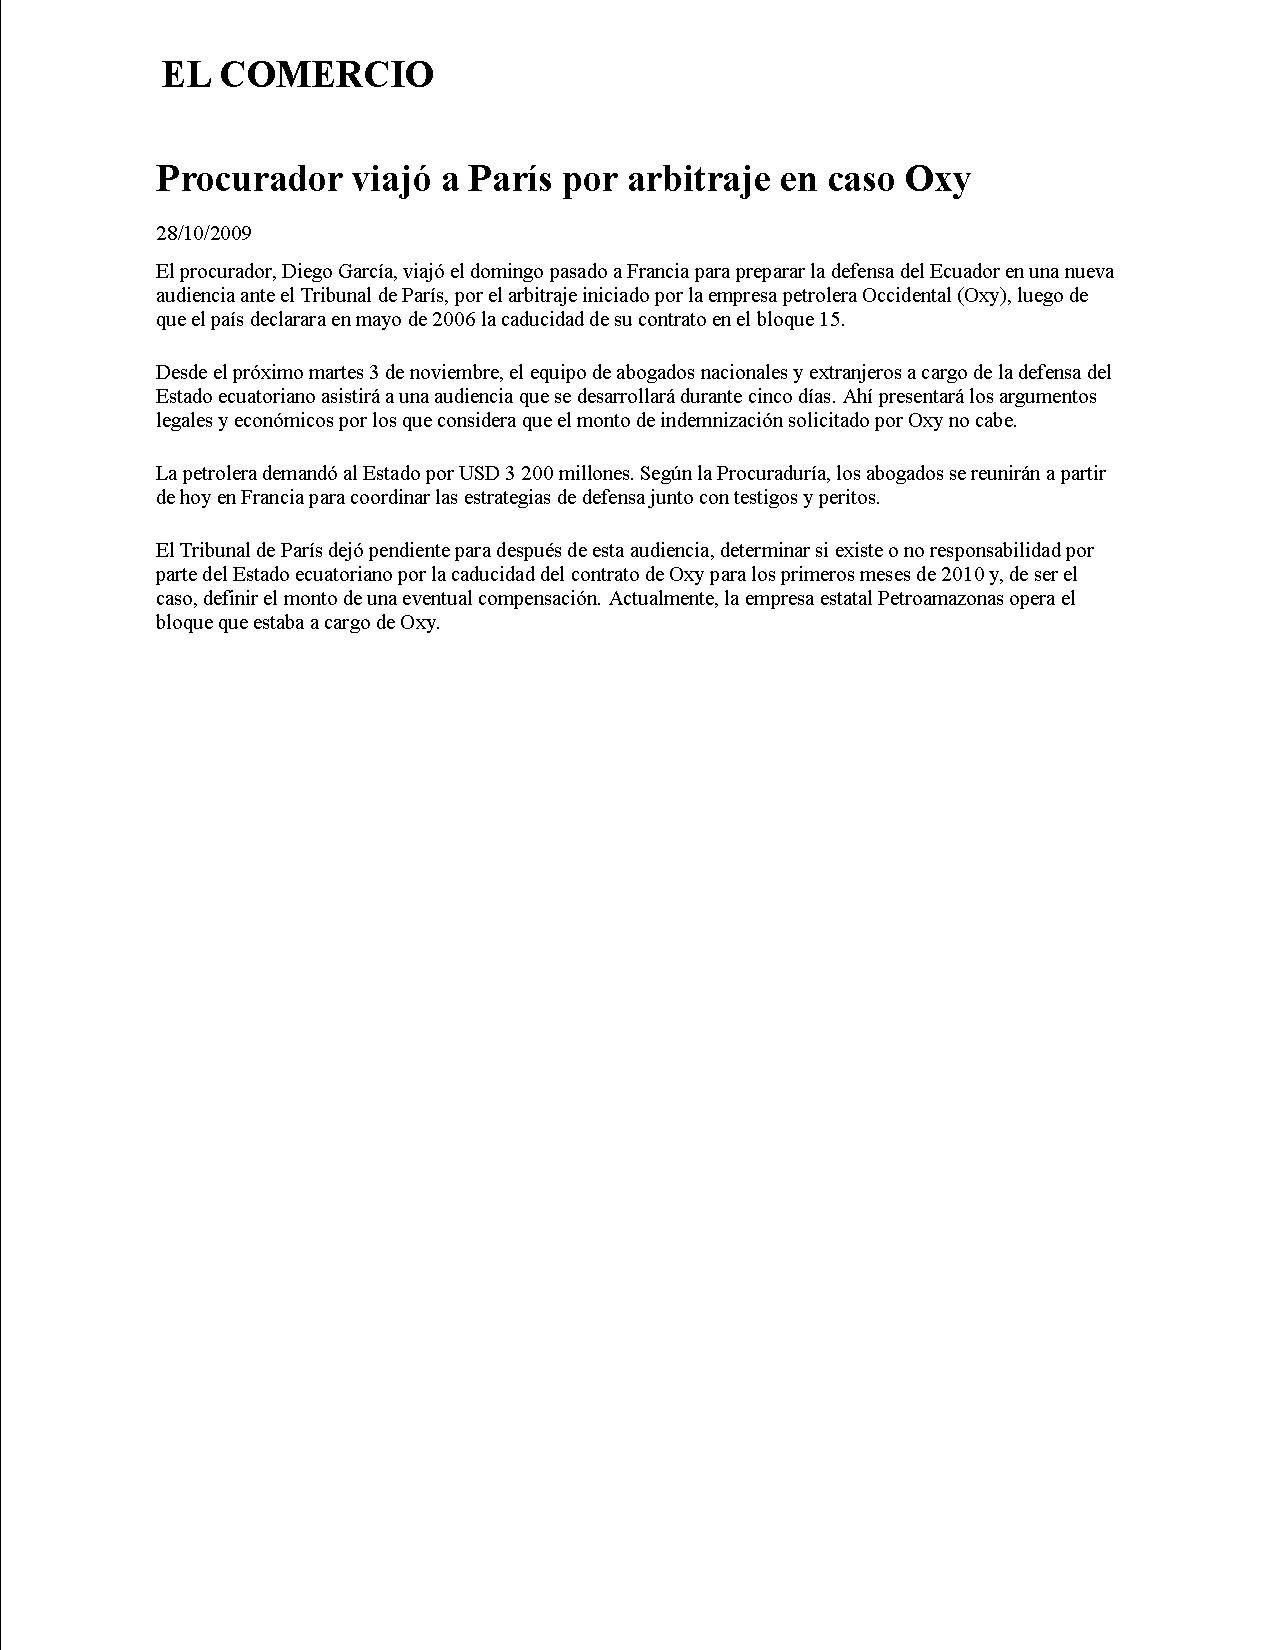 17-2009-10-28 El Comercio